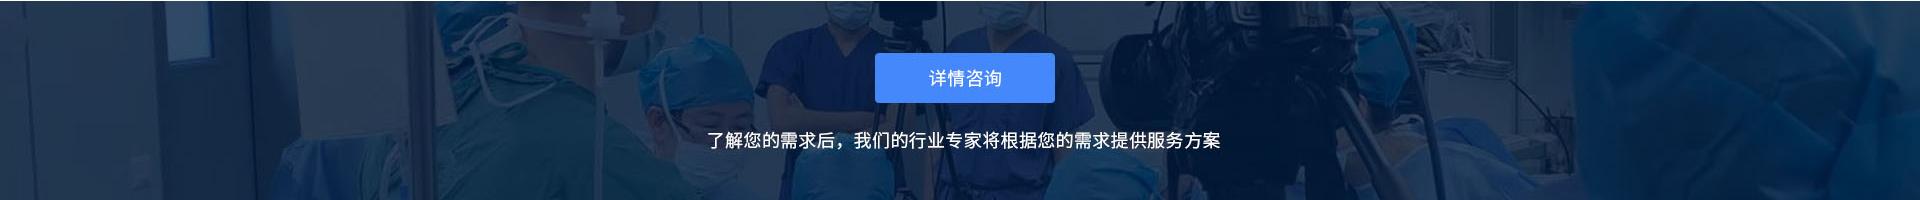 手术直播画板06.jpg